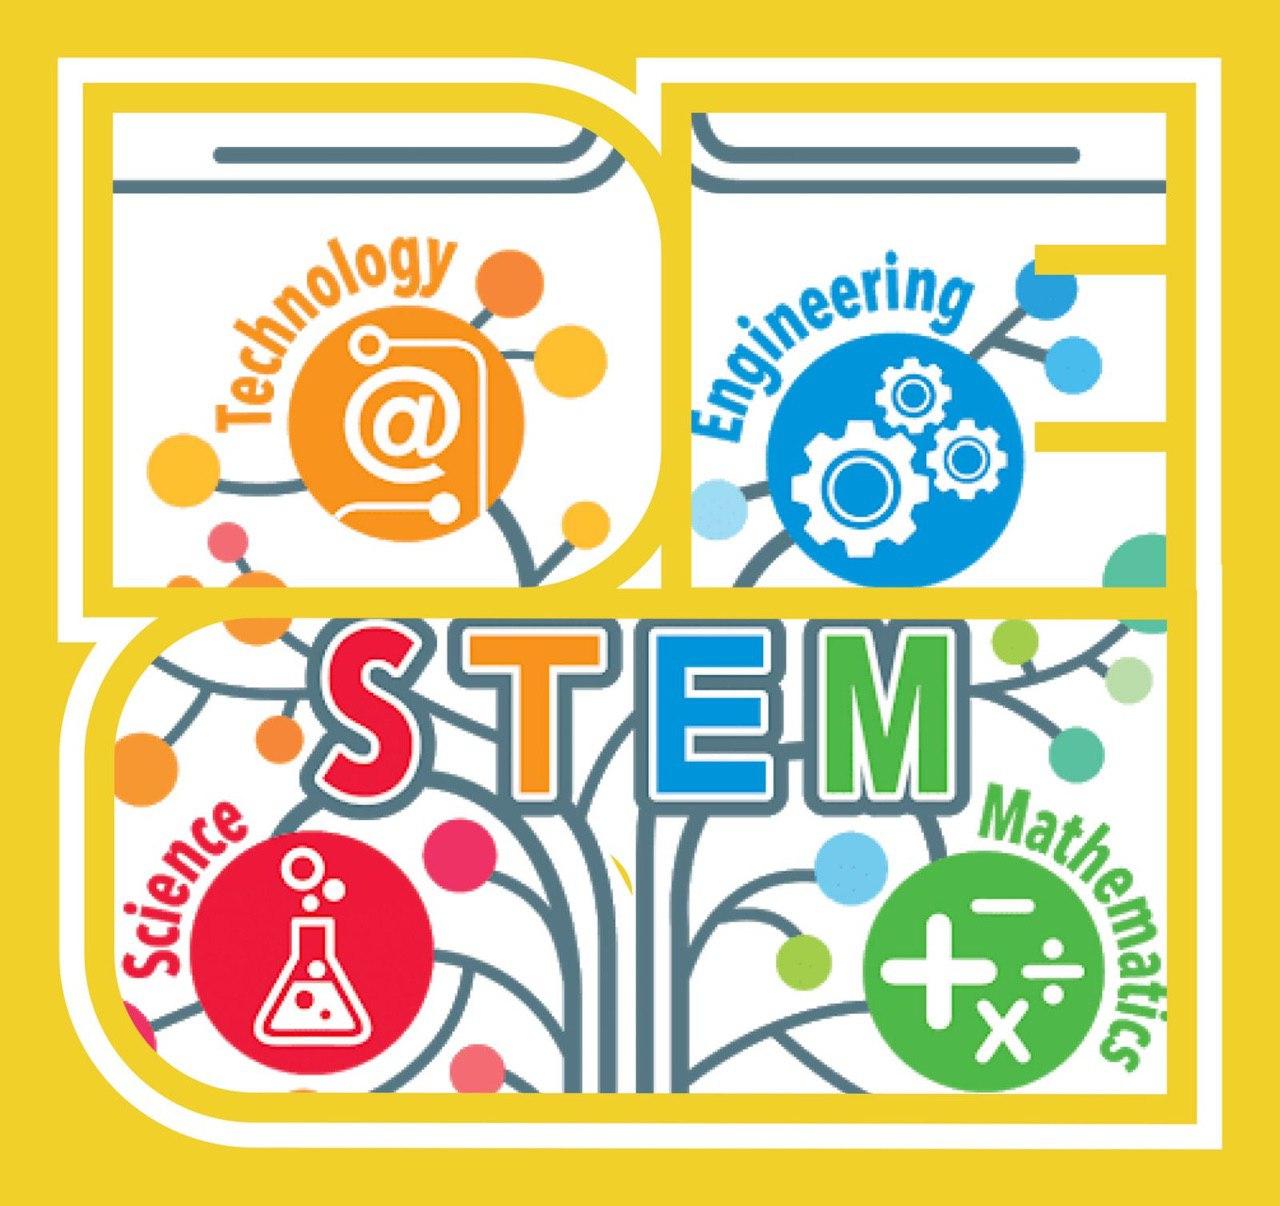 Интенсивный курс по STEM предметам для подростков. Фото - 3